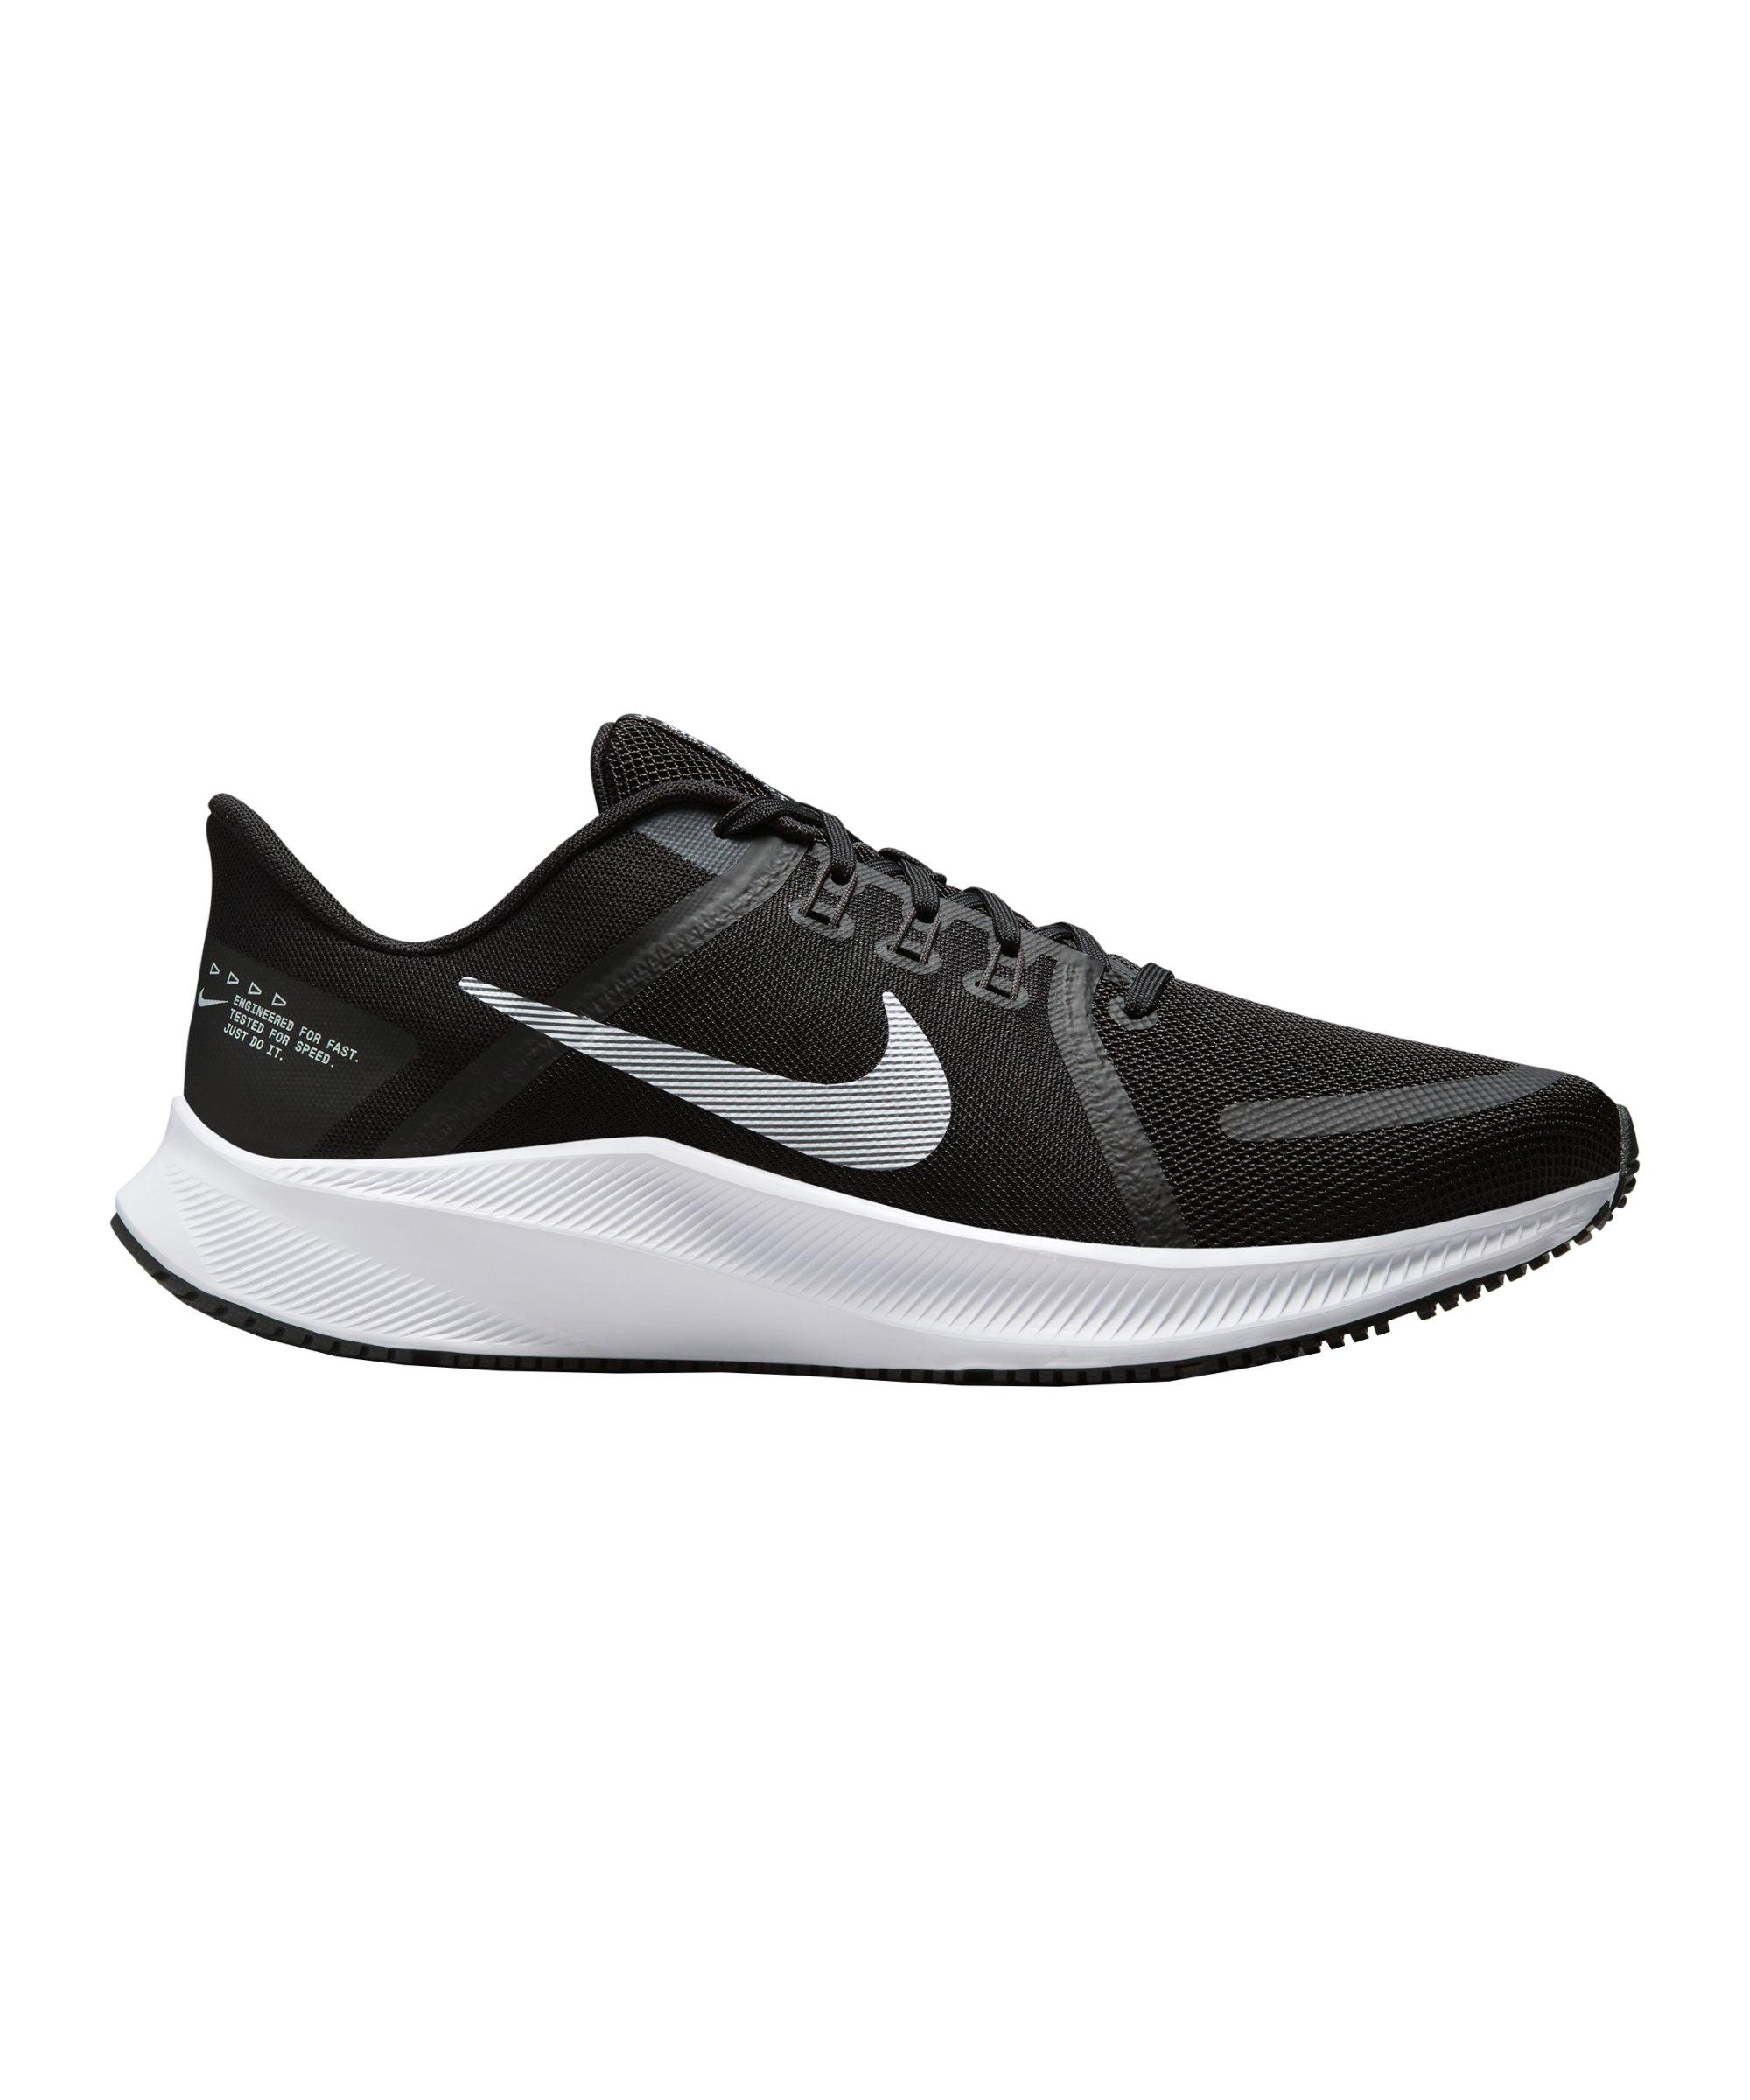 Nike Quest 4 Running Schwarz Weiss Grau F006 - schwarz